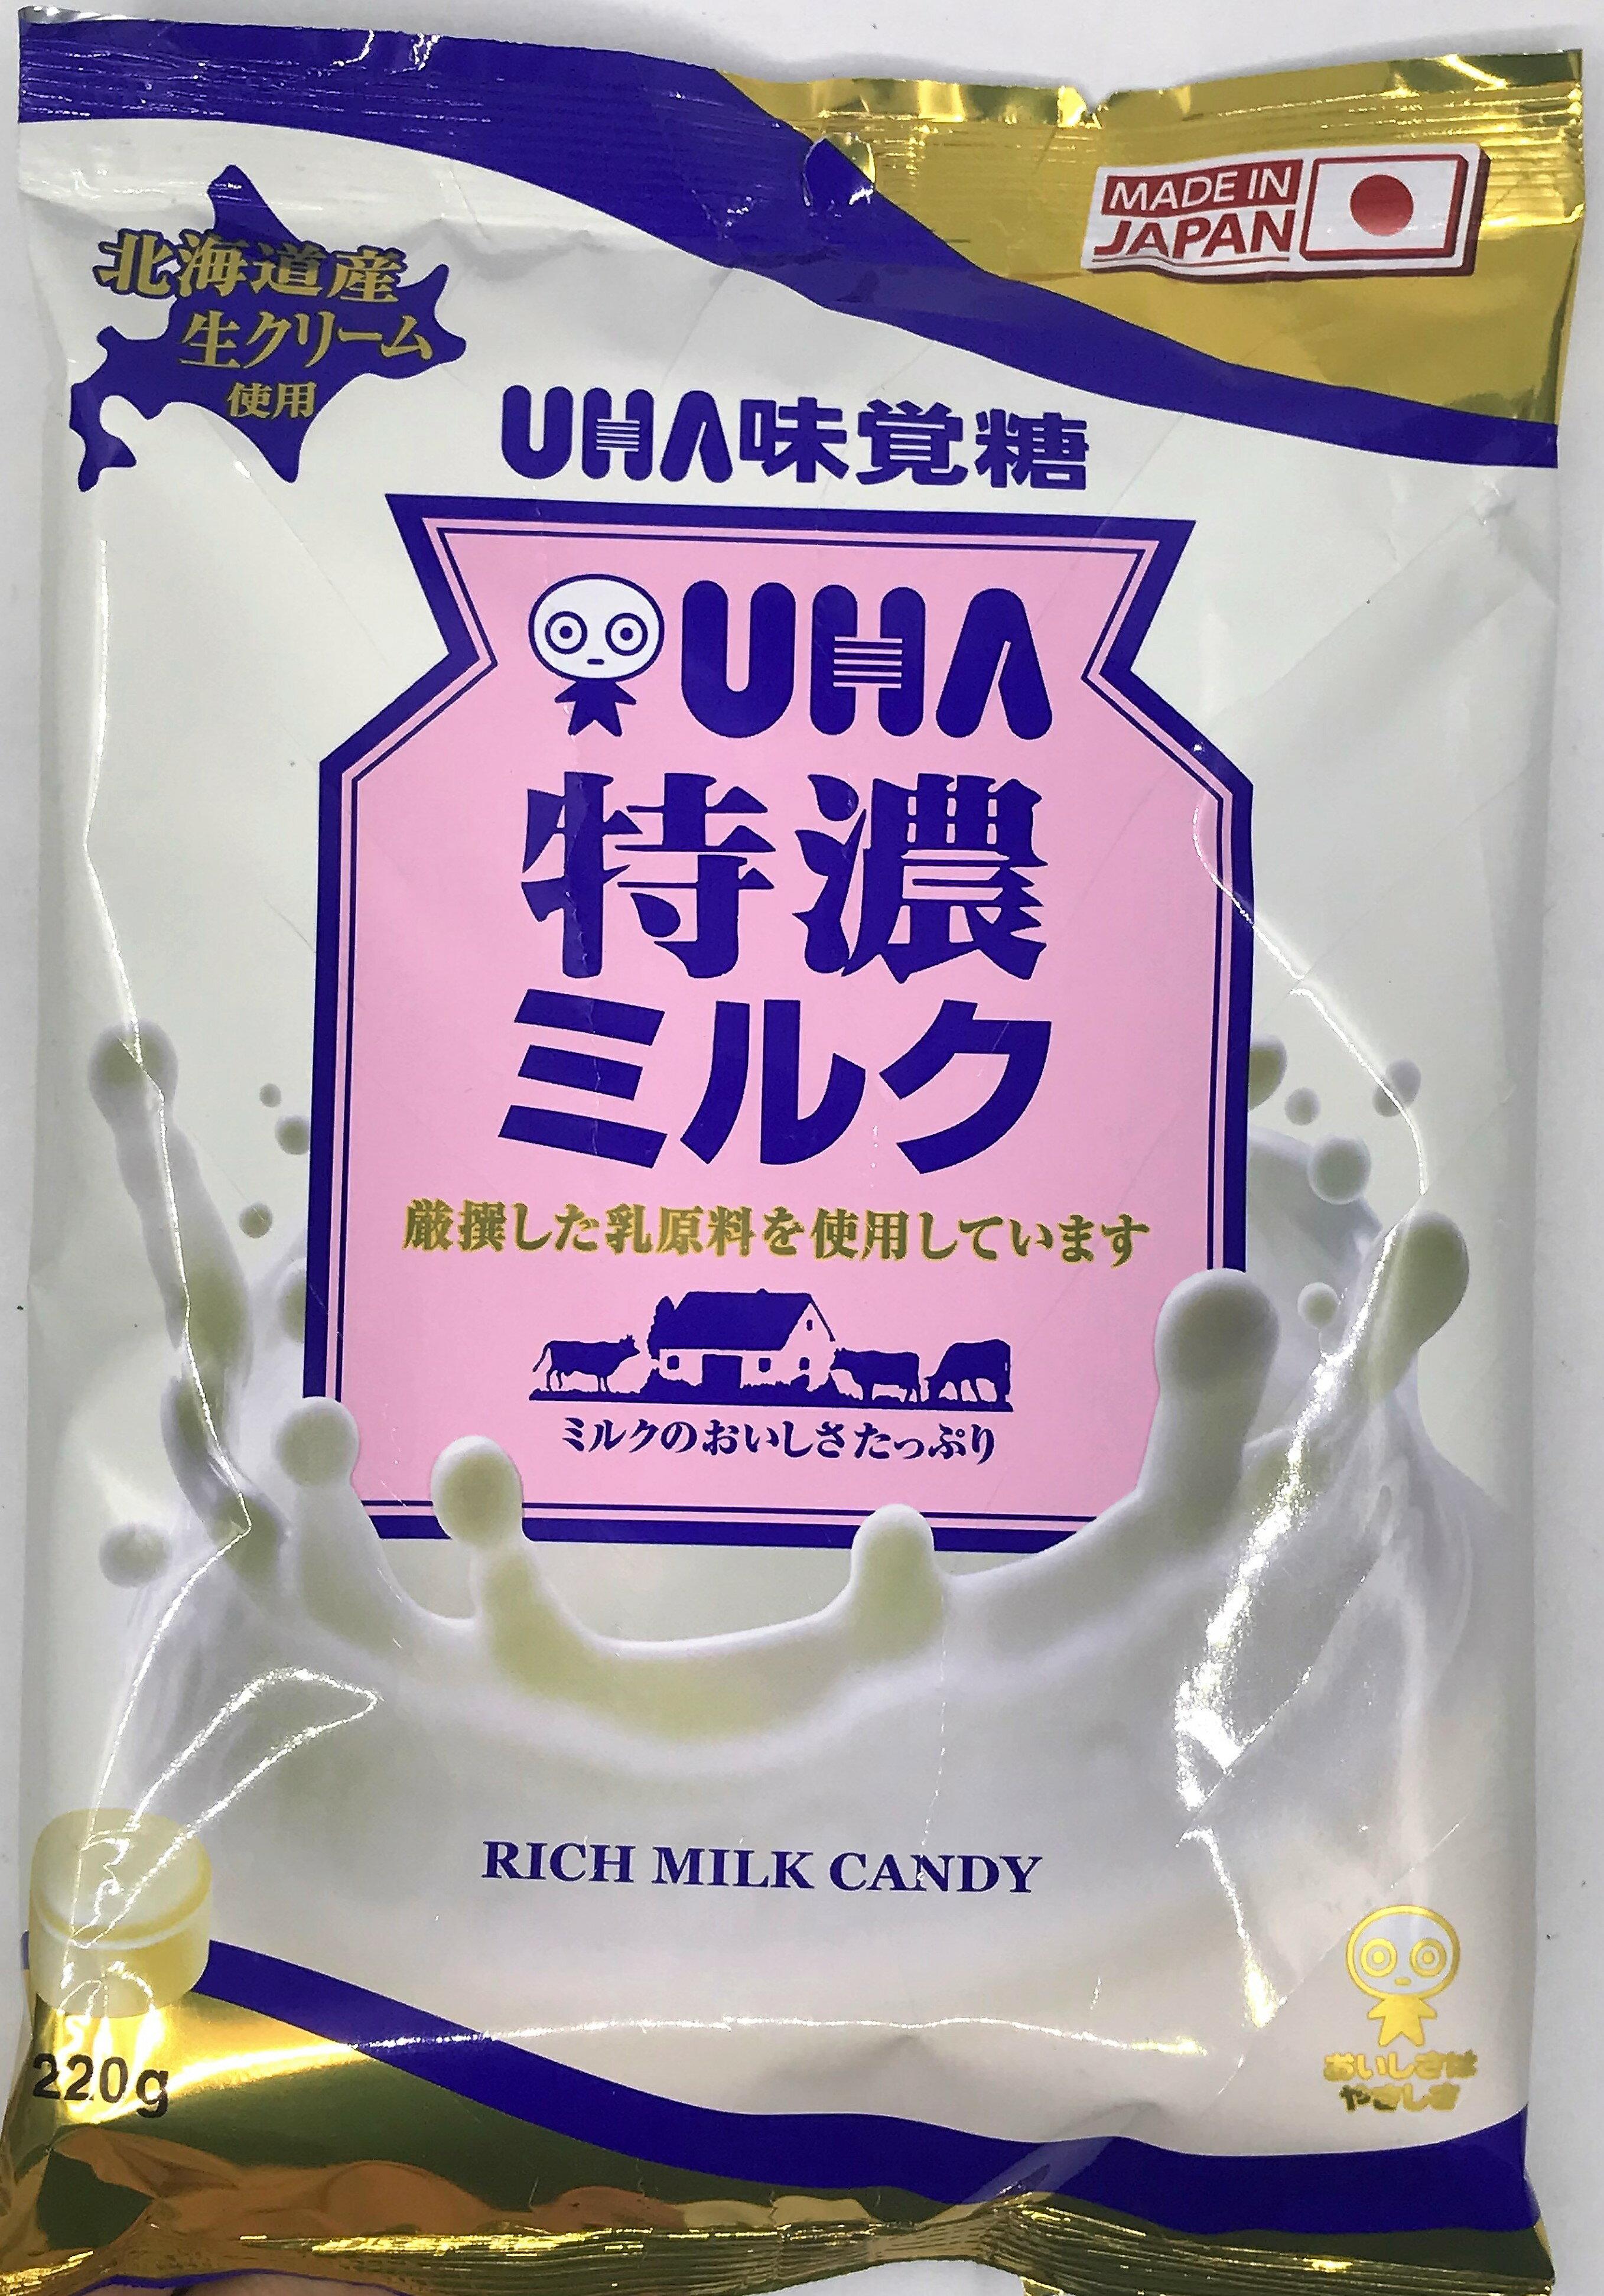 [哈日小丸子]味覺糖特濃8.2牛奶糖(大袋/220g)